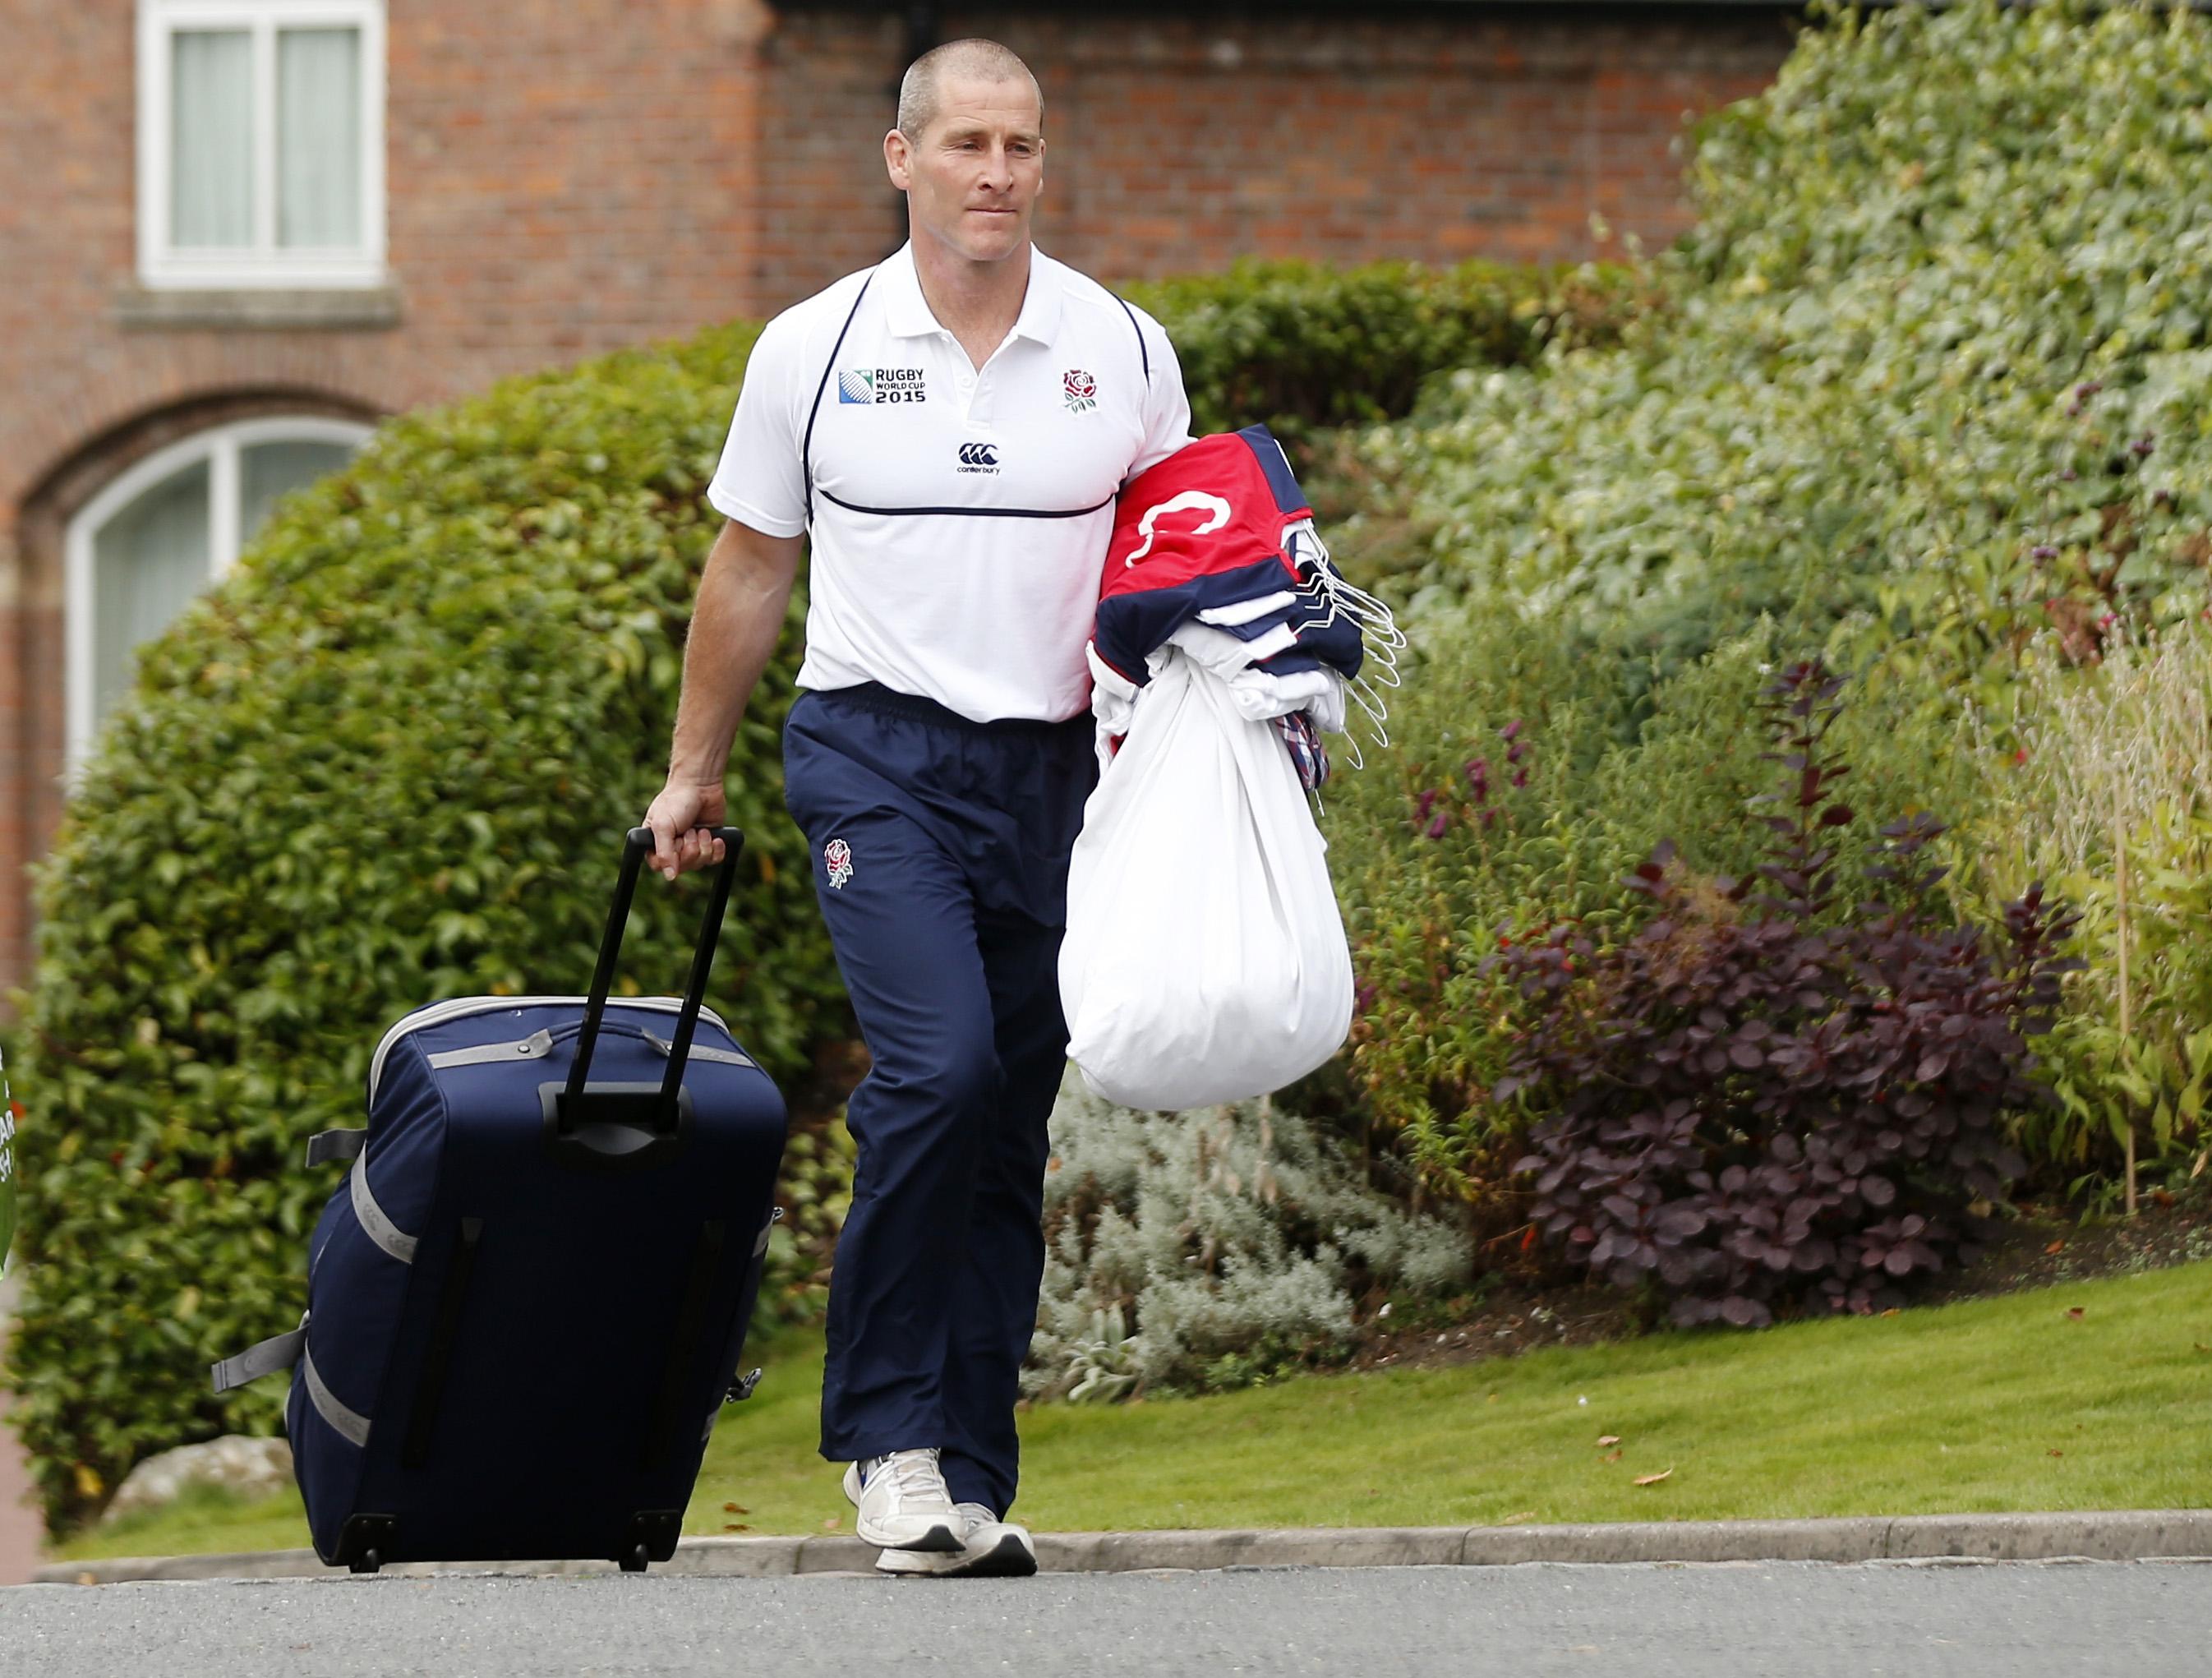 Rugby - Coupe du monde 2015 - Lancaster n'est plus le sélectionneur de l'Angleterre